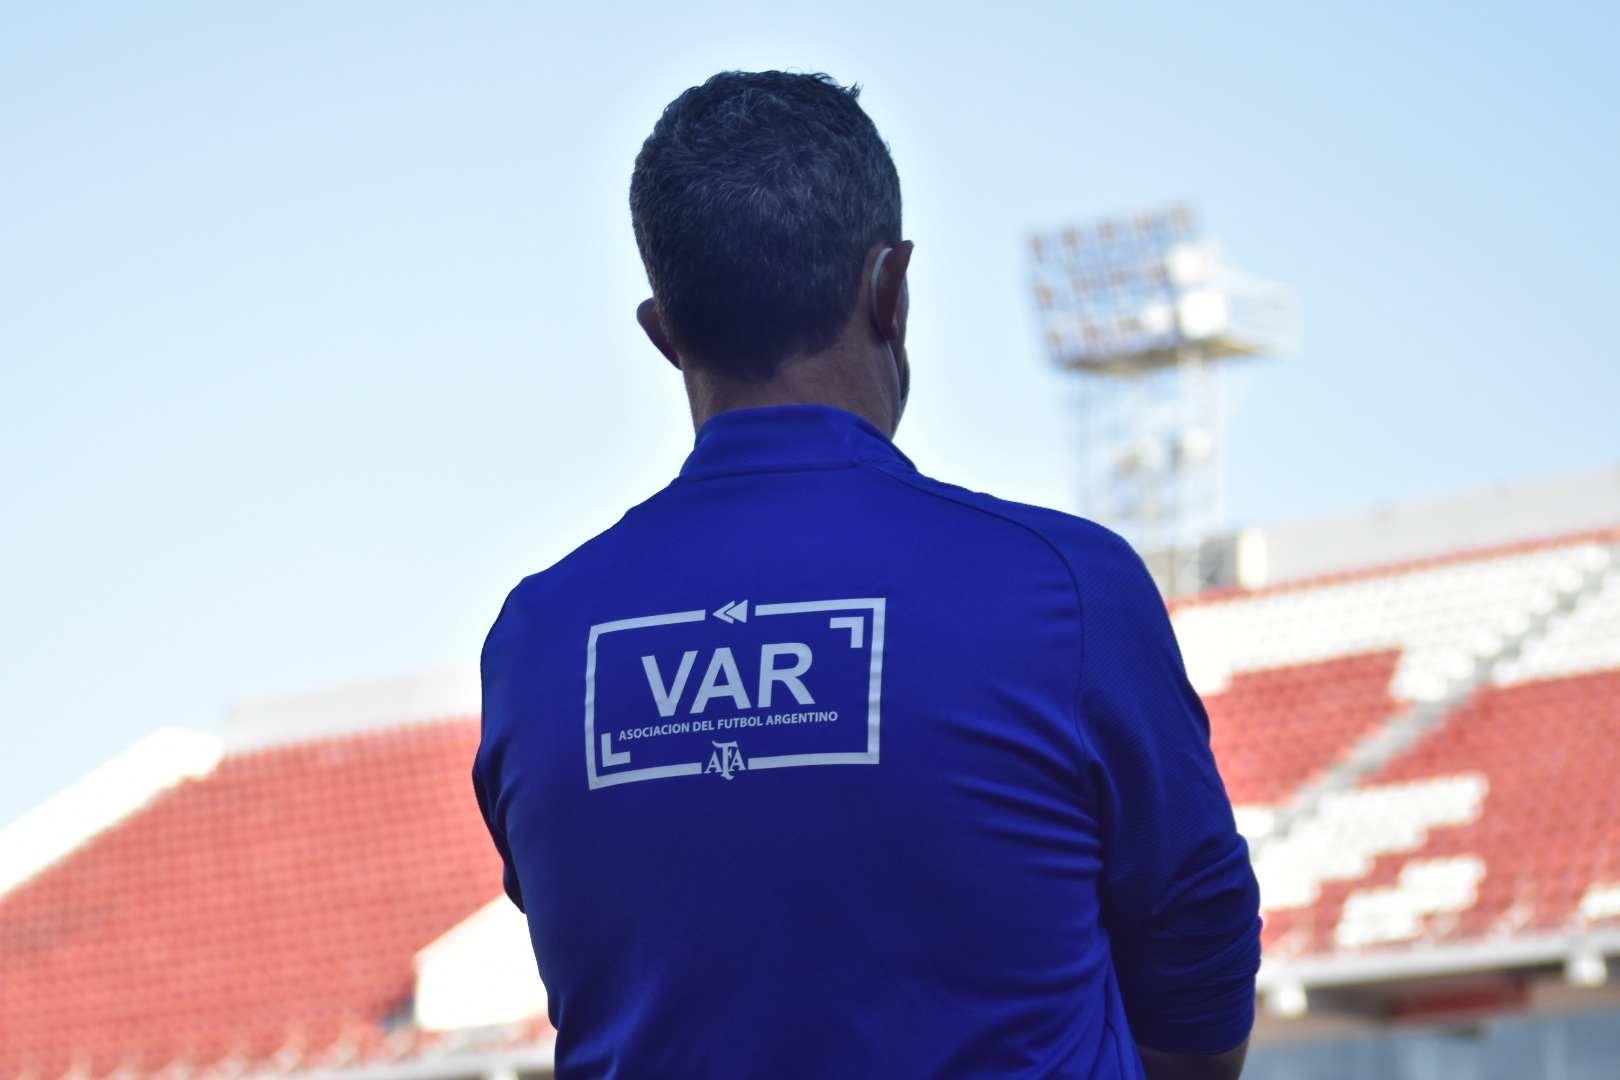 El VAR volvió a hacer lo suyo y decidió expulsar a Insaurralde en una jugada dónde no existió la falta.